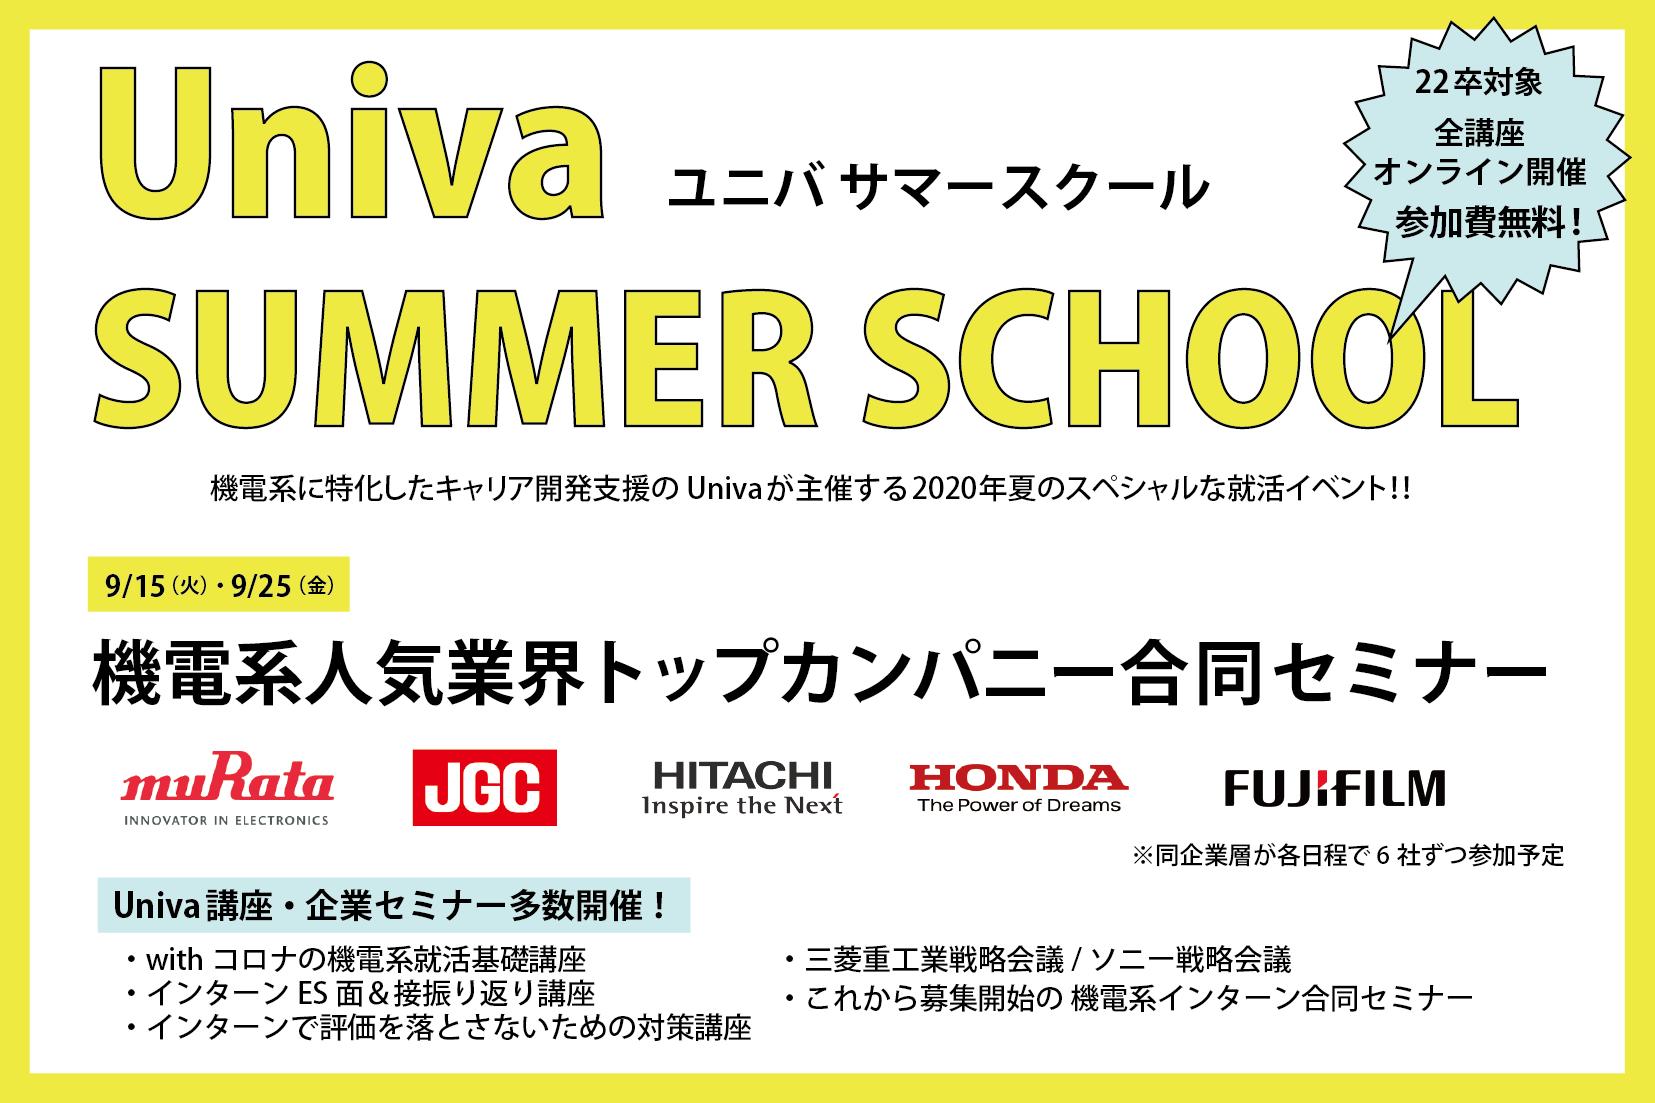 【8-9月特別講座&企業イベント】Univa Summer Schoolのご案内